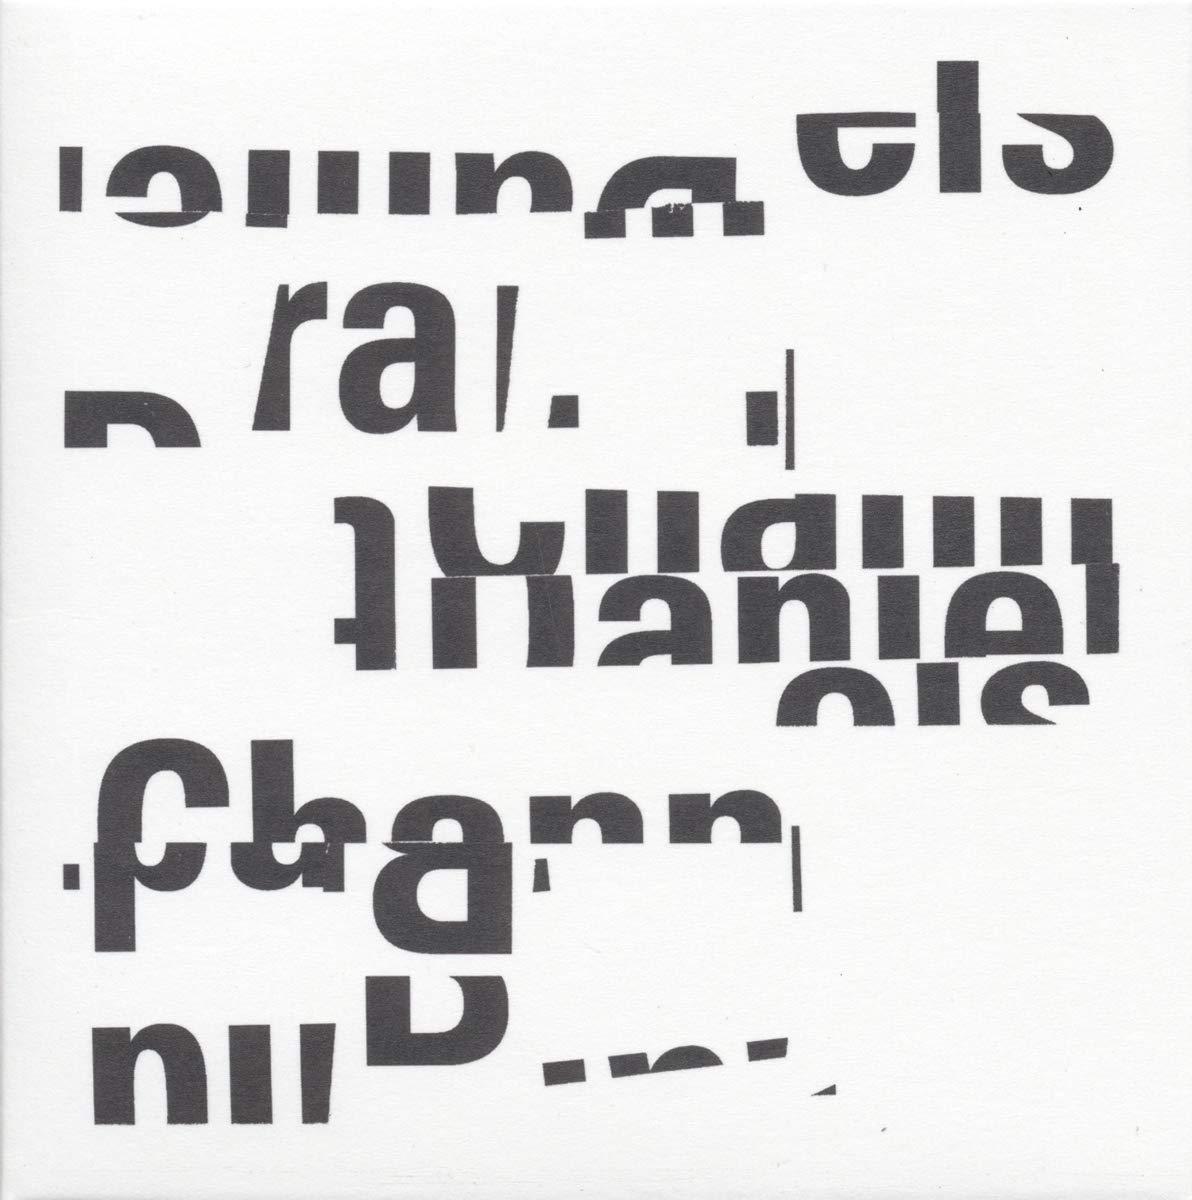 Vinilo : Daniel Brandt - Channels (Digital Download Card)